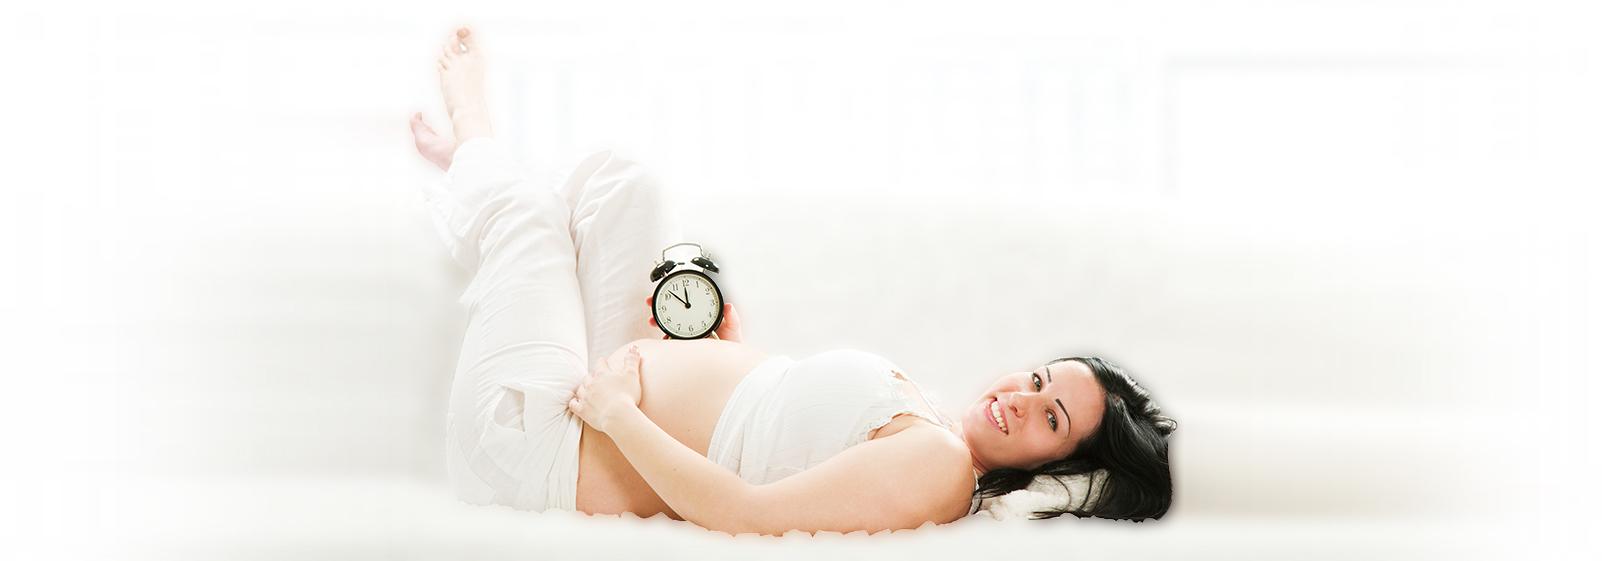 segurança na hora do parto